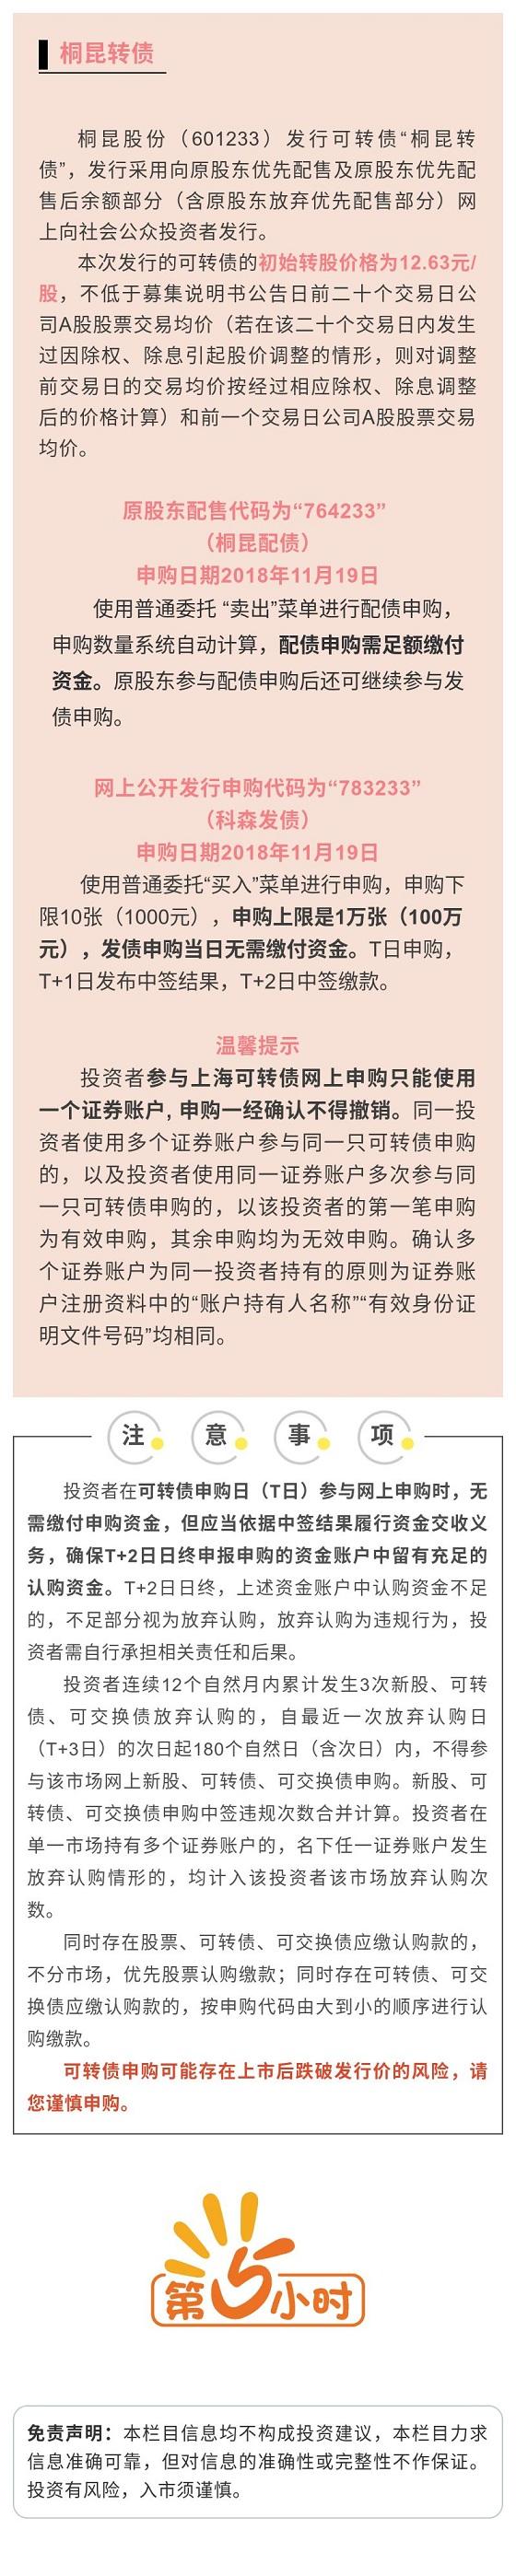 【新债申购】桐昆股份(601233)公开发行可转换公司债.jpg